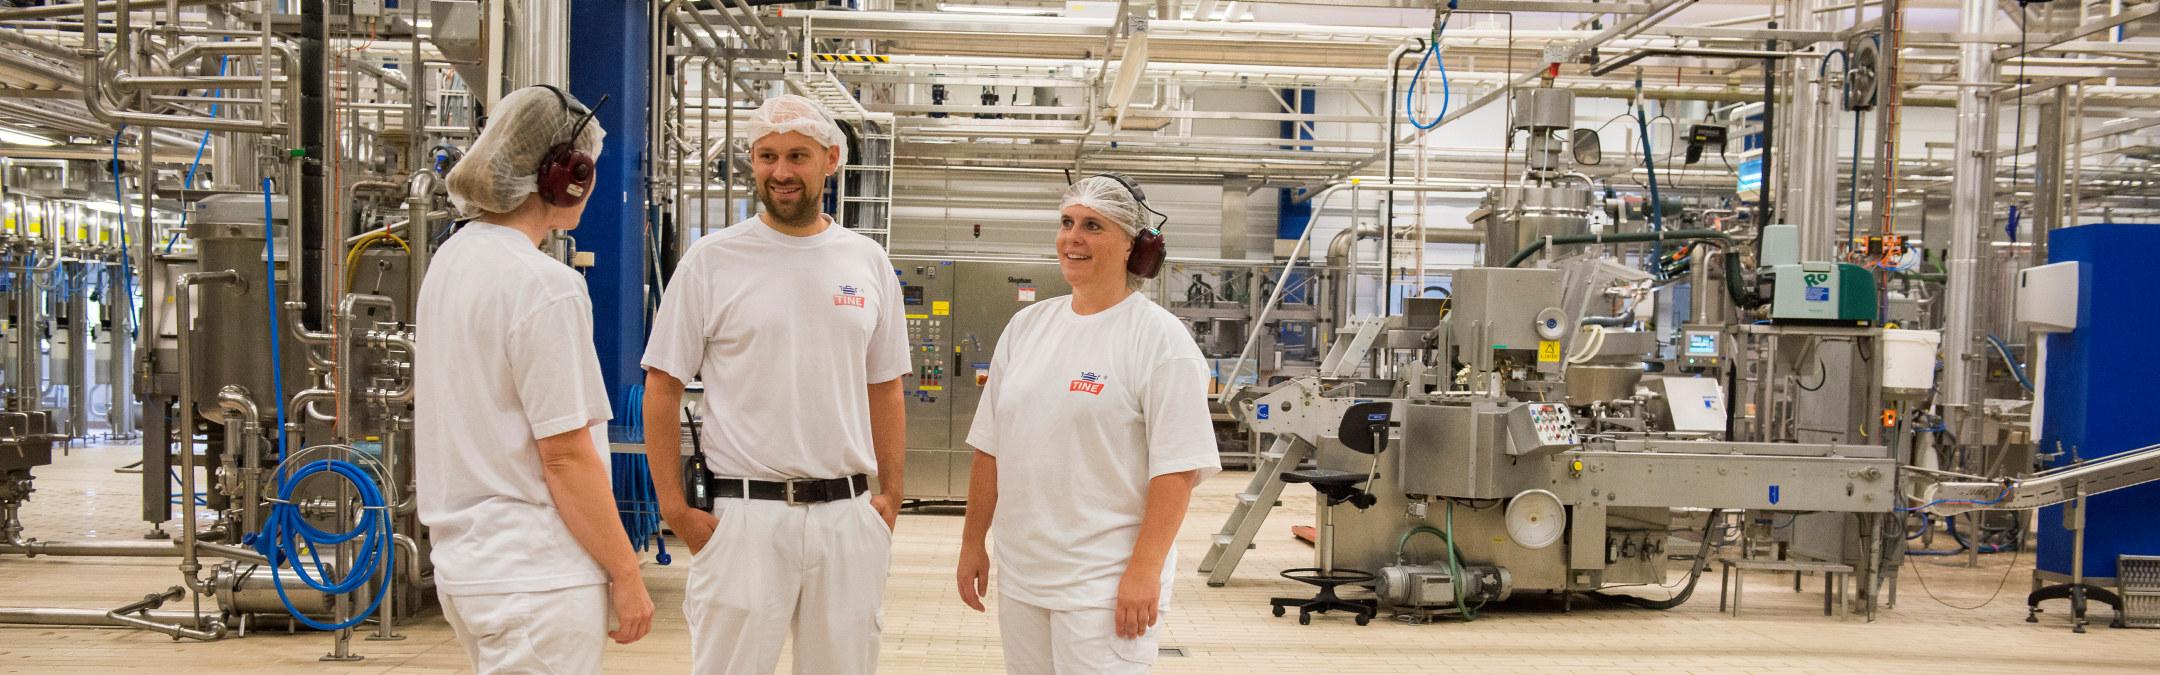 Tre ansatte hos TINE i deres produksjonslokale